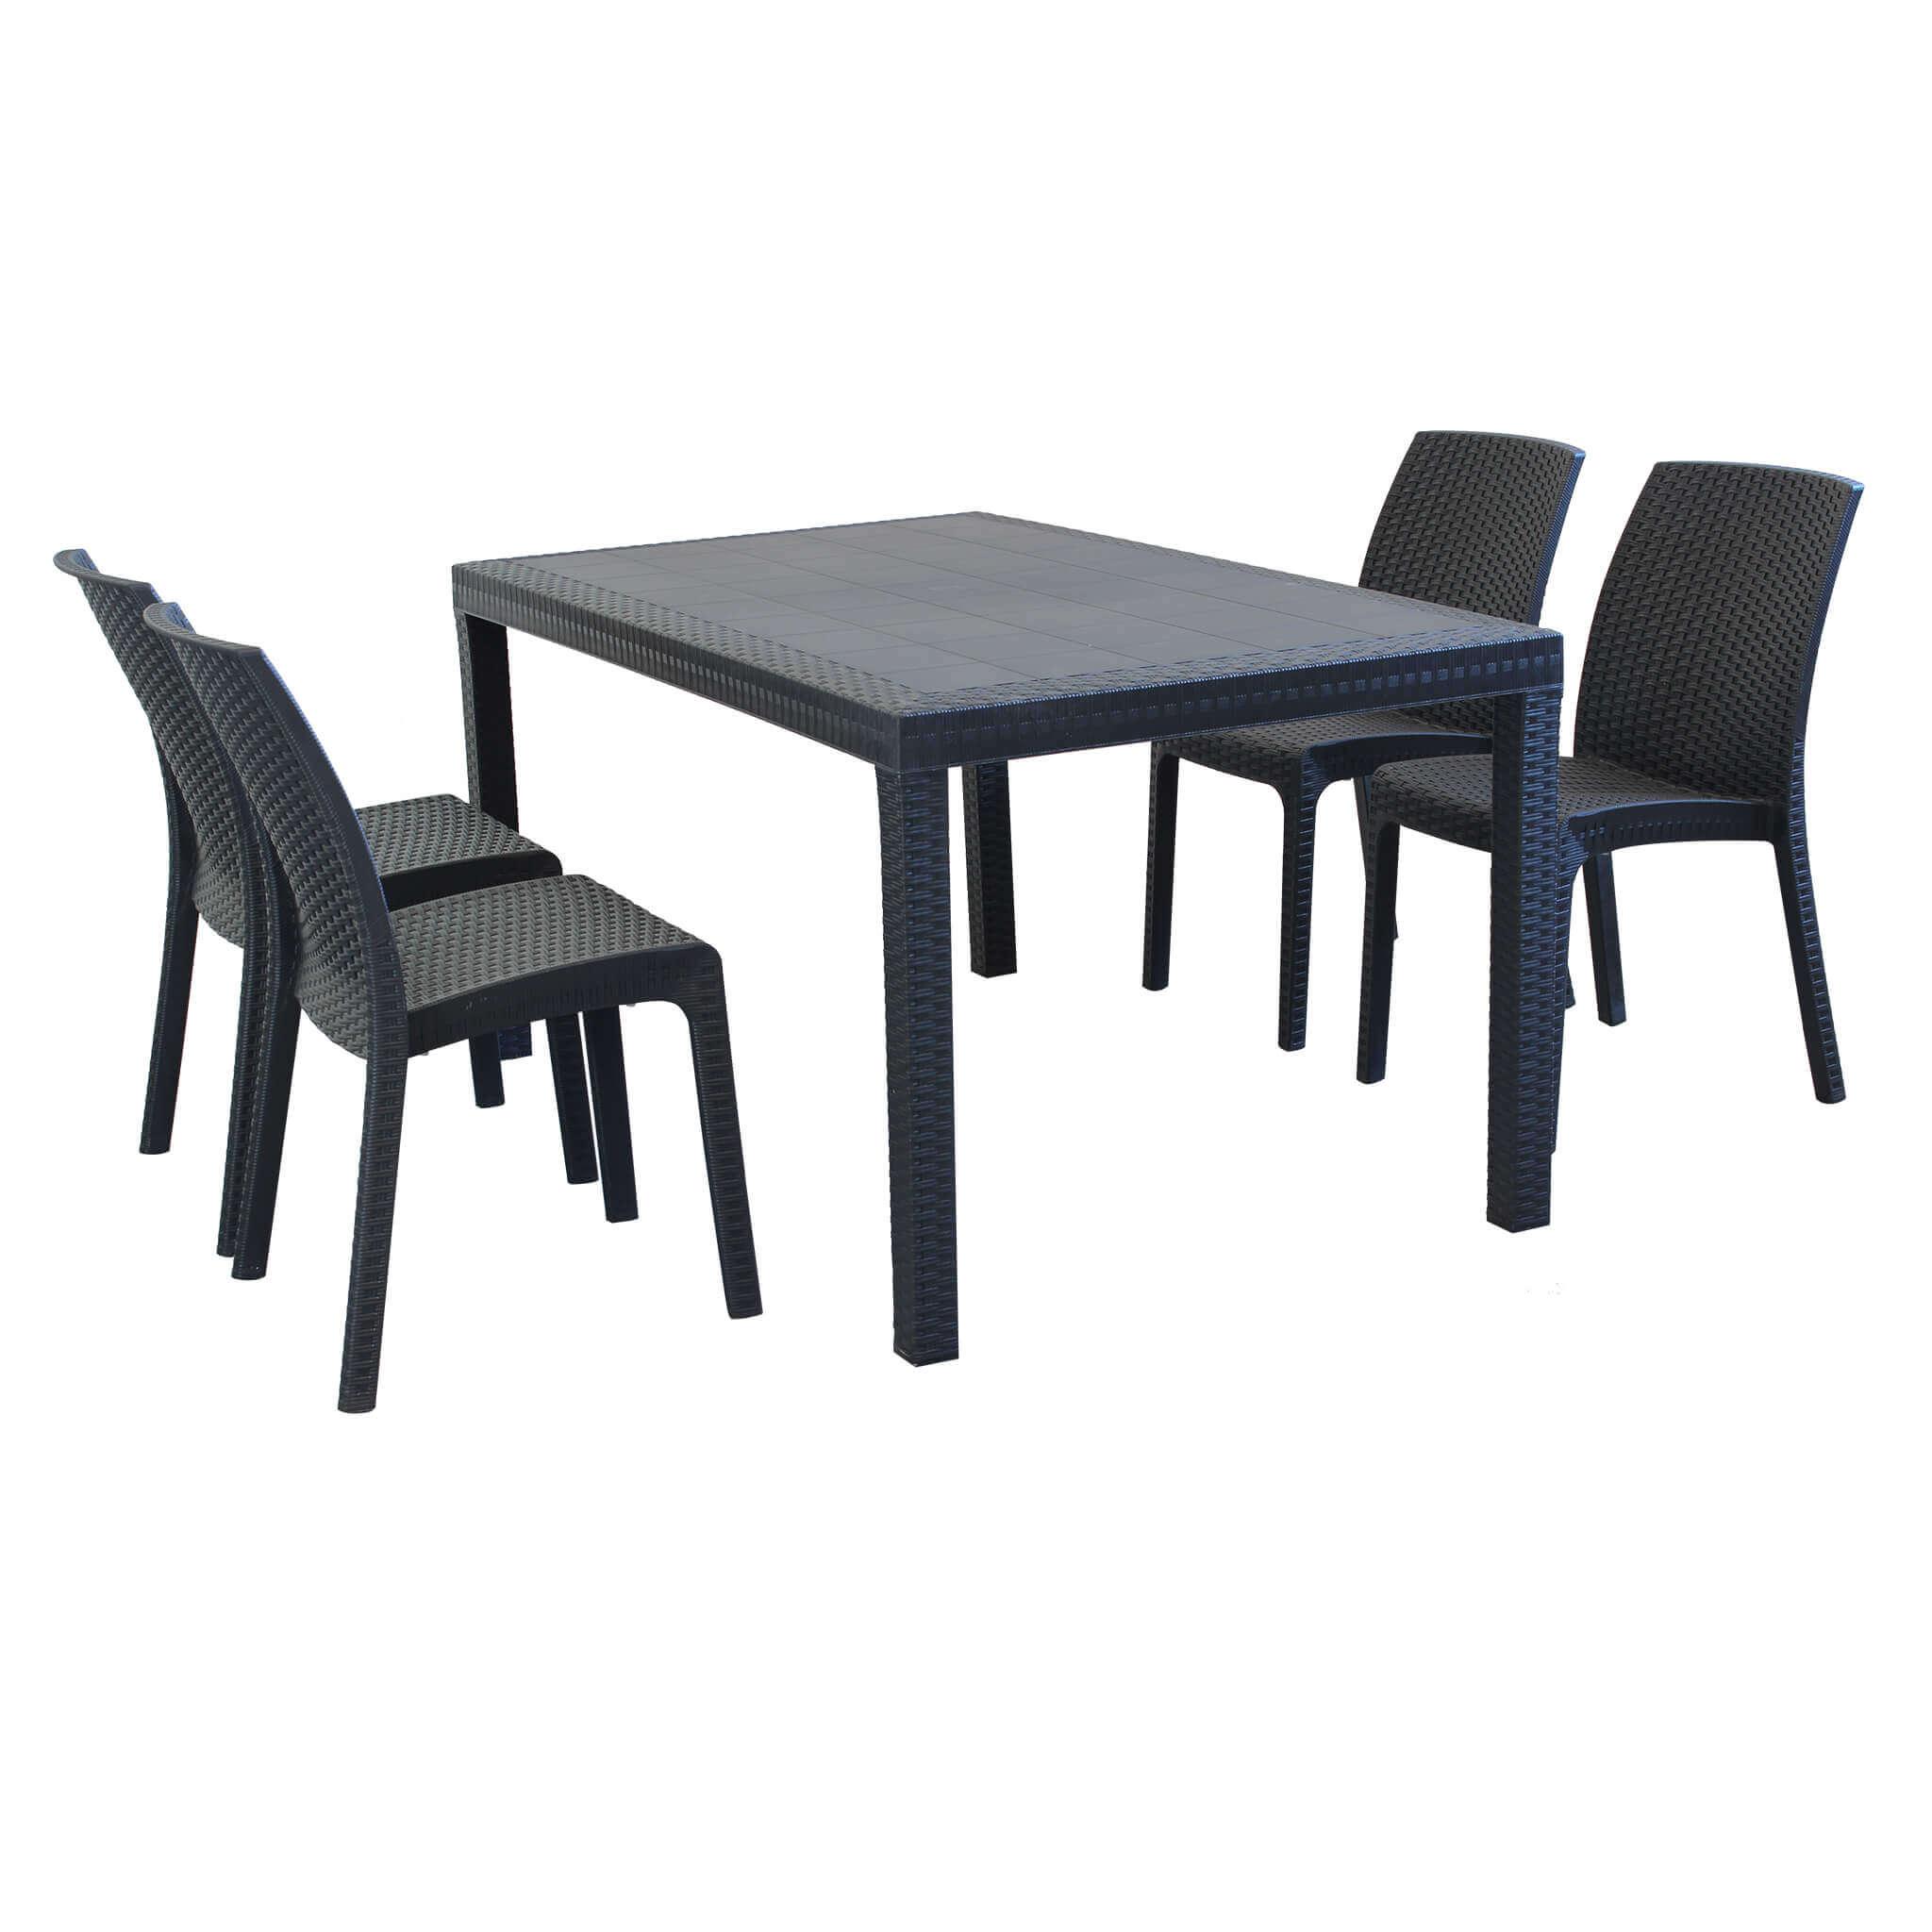 Milani Home EQUITATUS - set tavolo fisso in wicker cm 150 x 90 compreso di 4 sedute